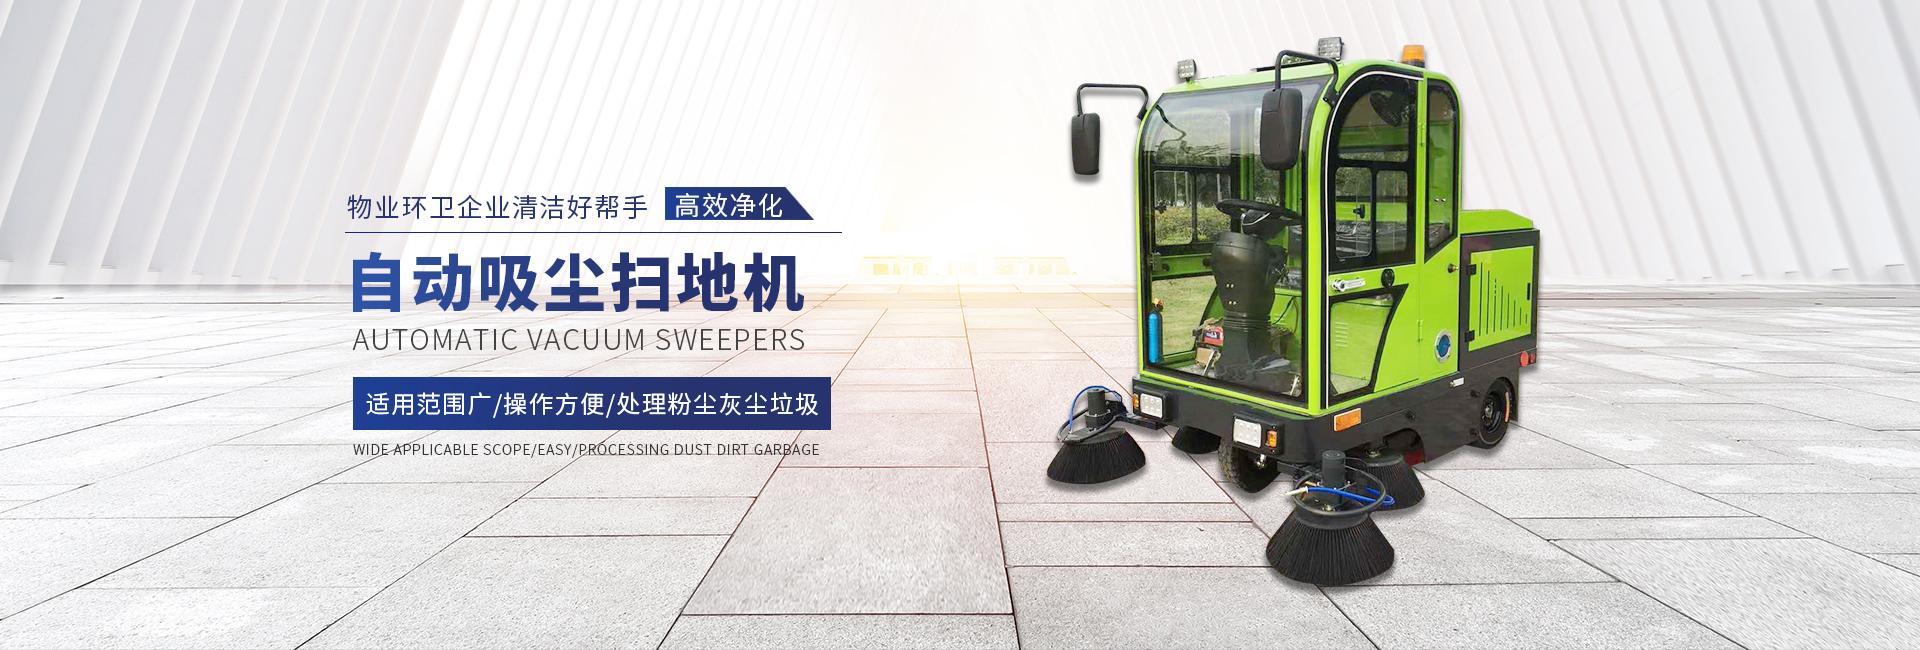 自动吸尘扫地机